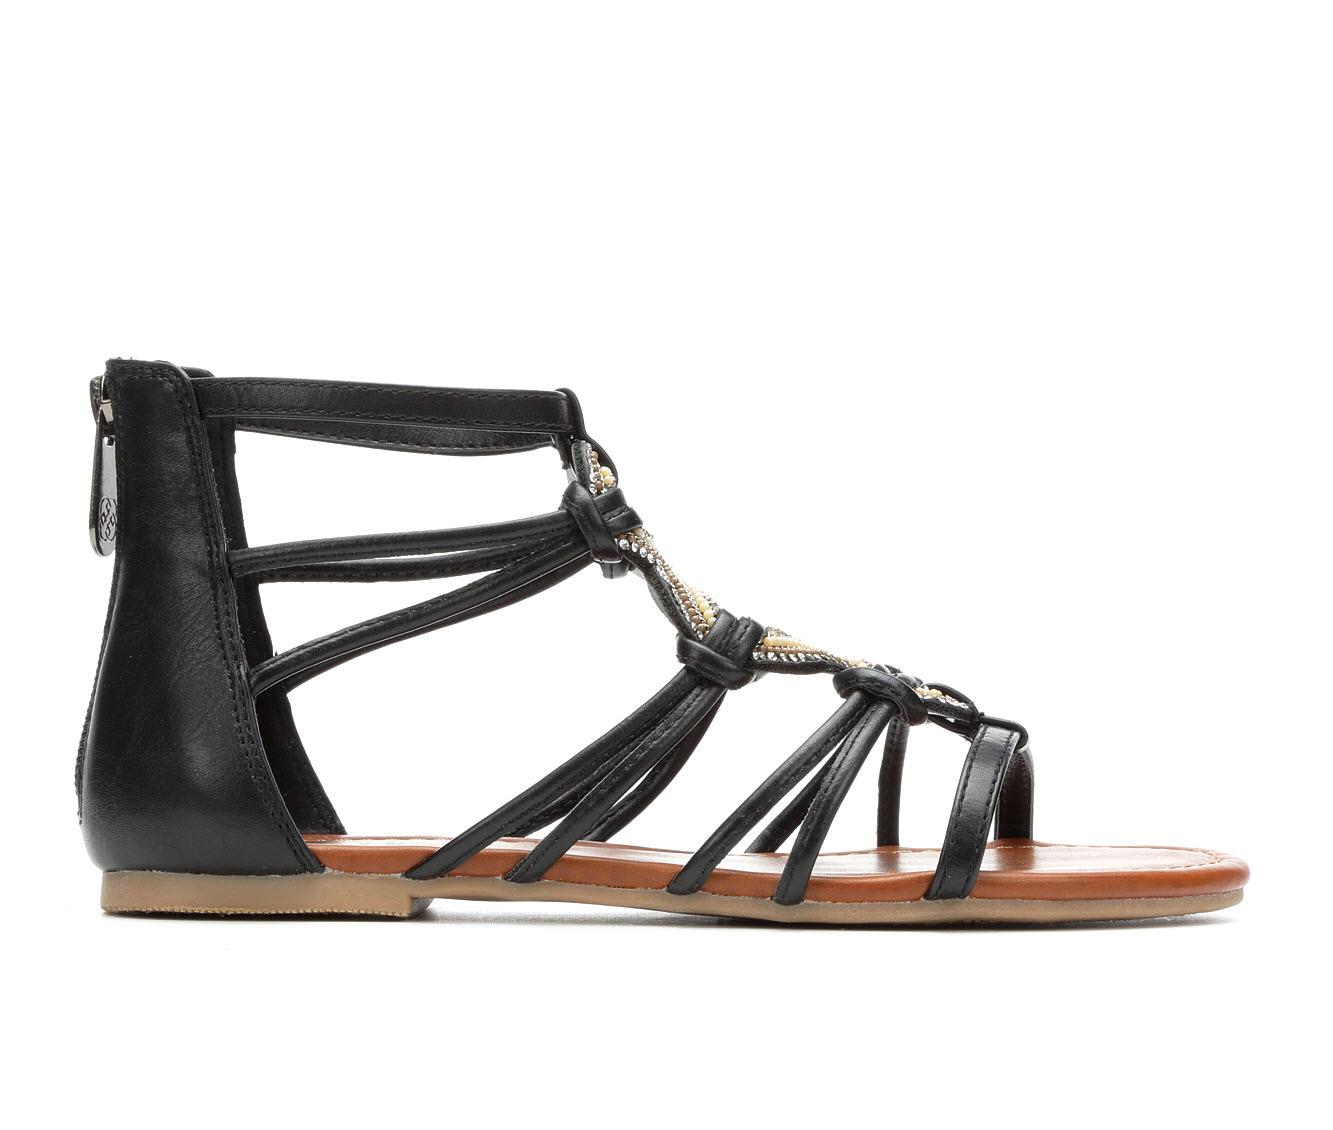 Daisy Fuentes Orah Women's Sandal (Black Faux Leather)